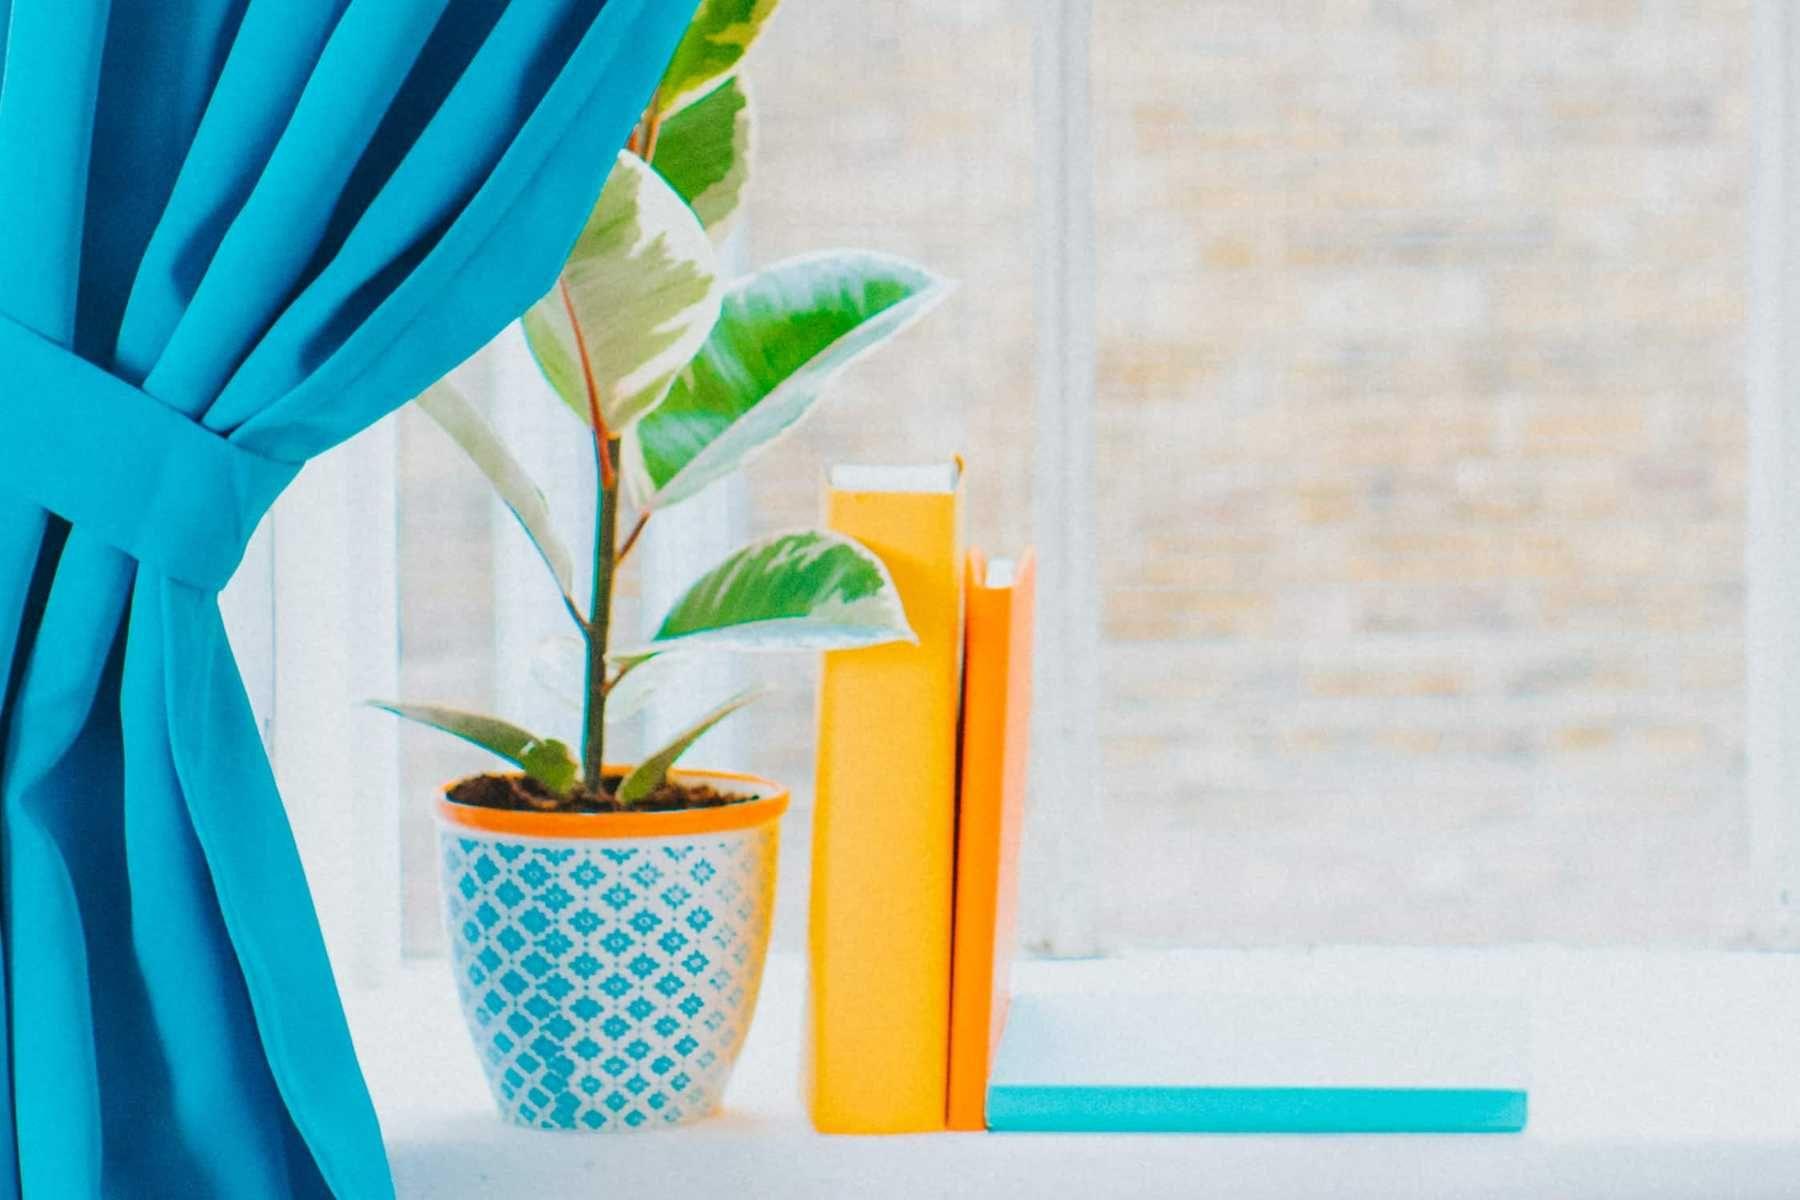 como-limpar-vidro-de-varanda-dicas-para-uma-limpeza-perfeita-e-segura